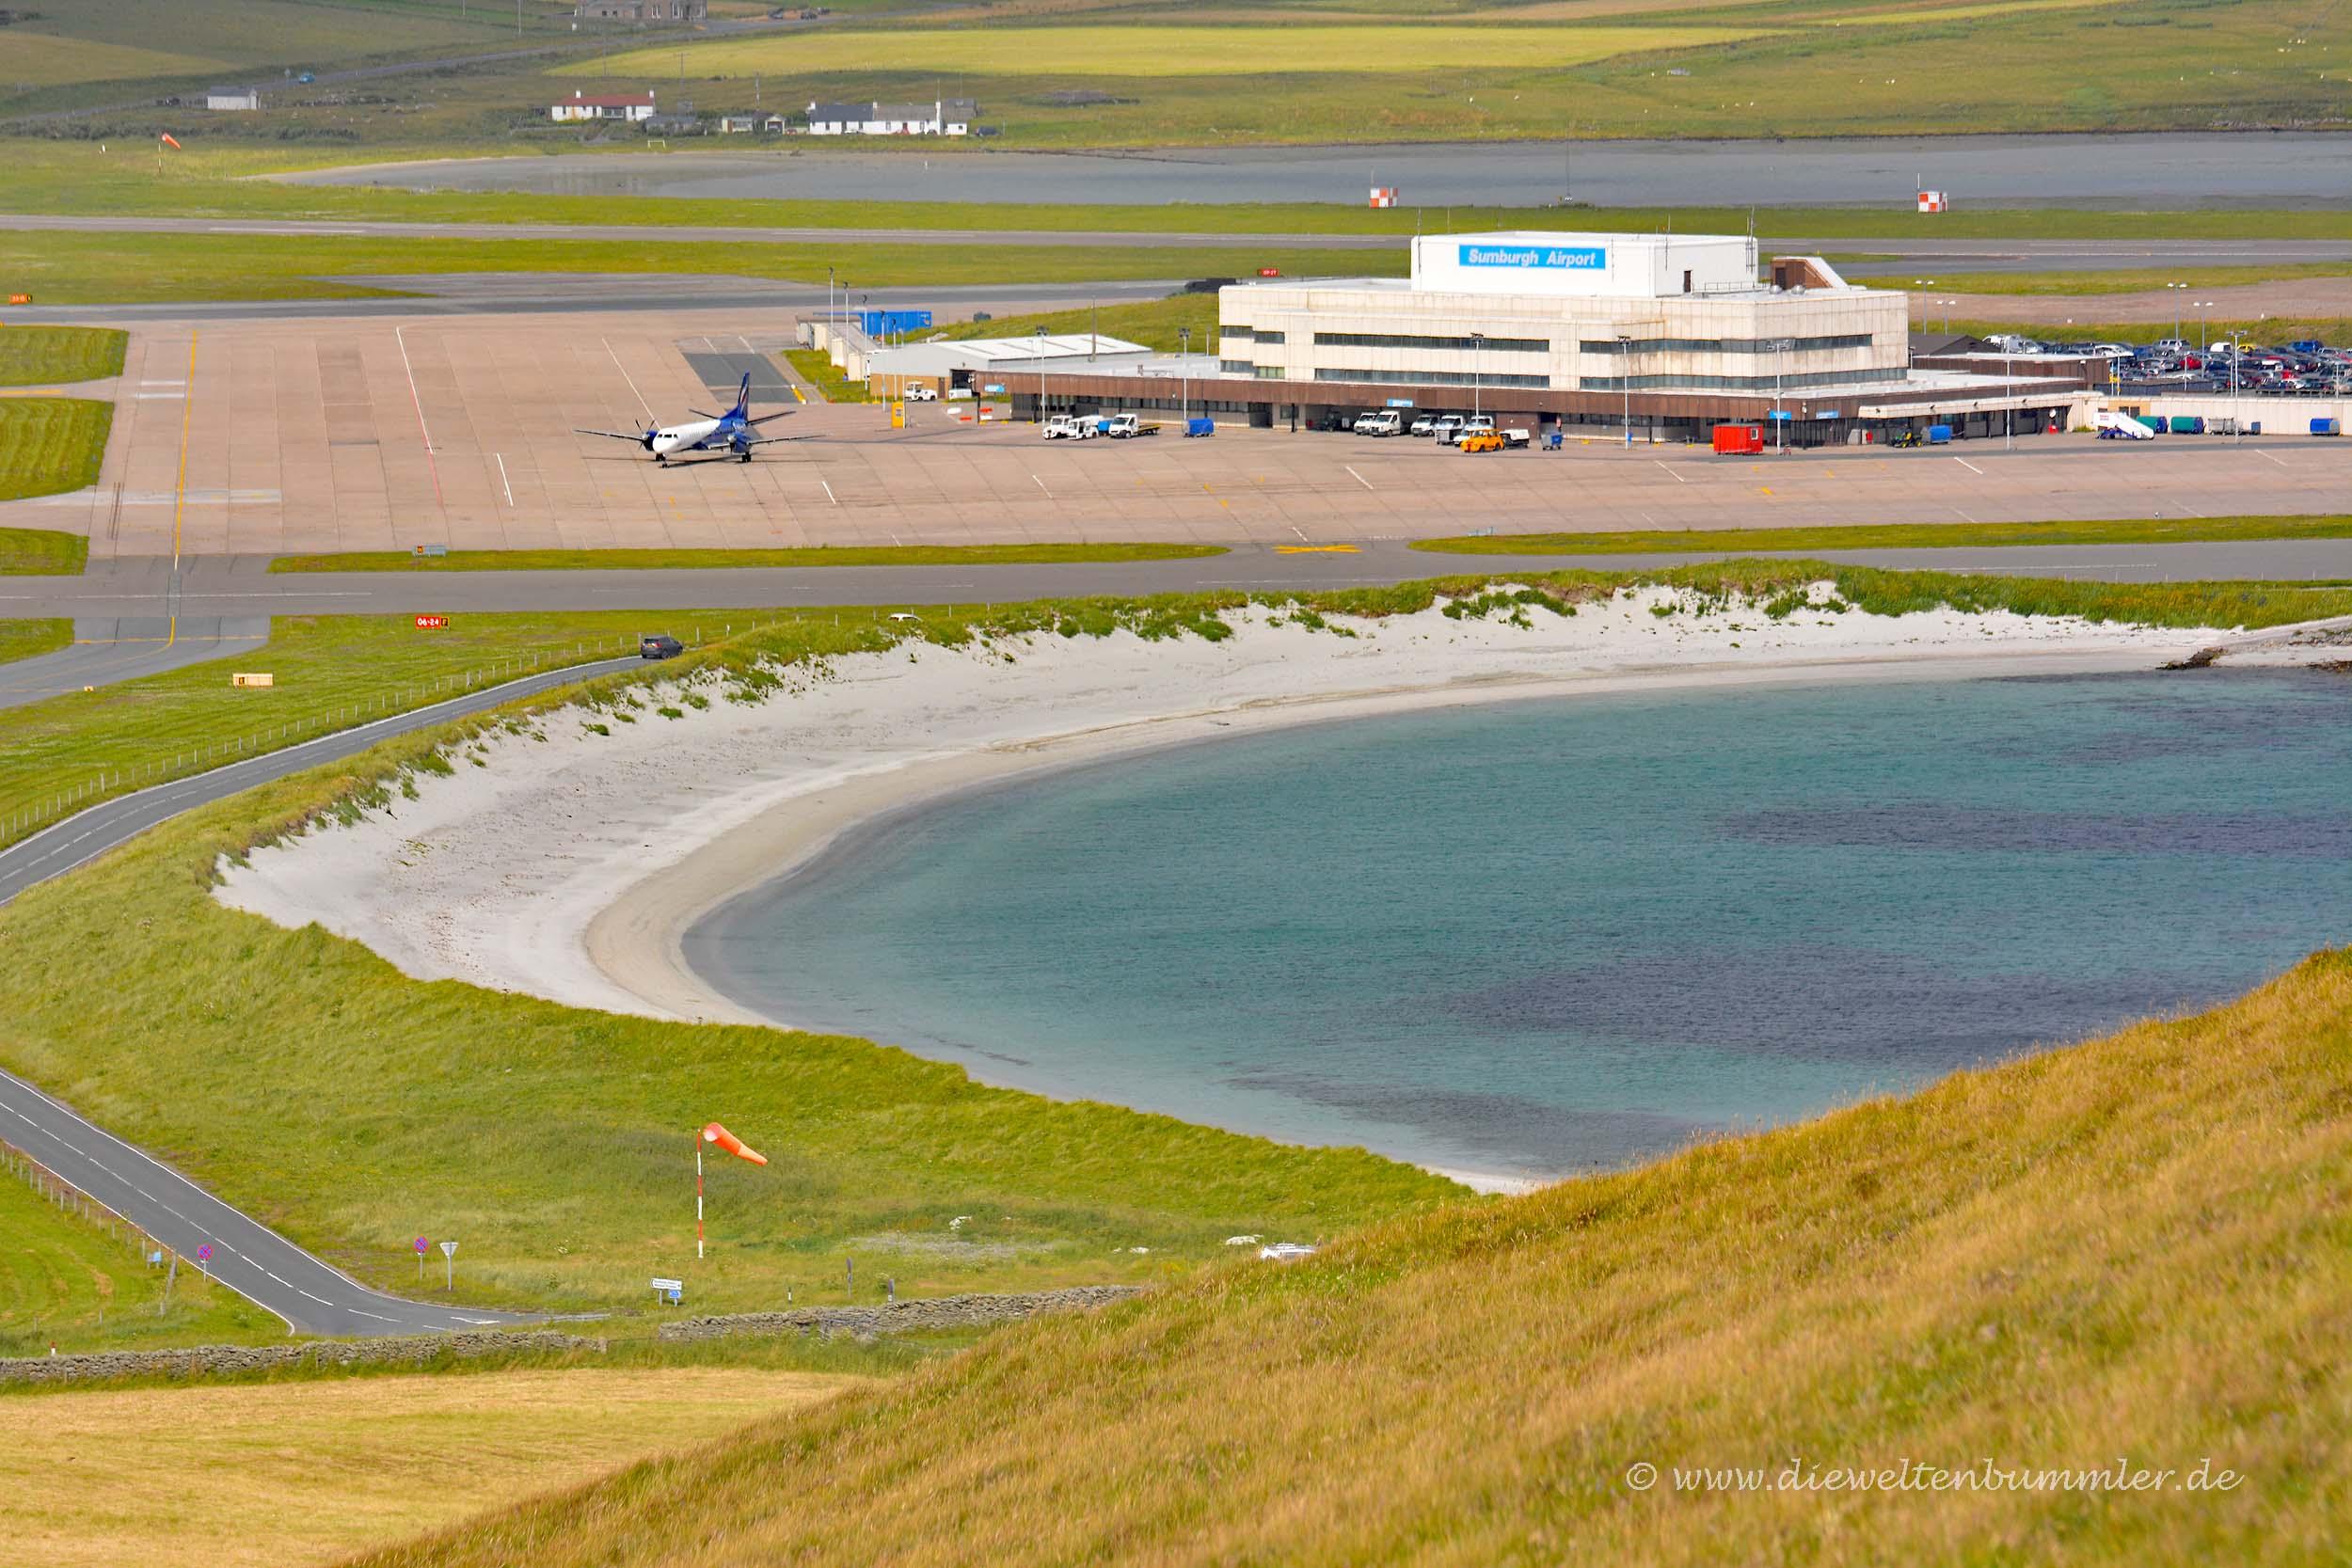 Flughafen am Strand